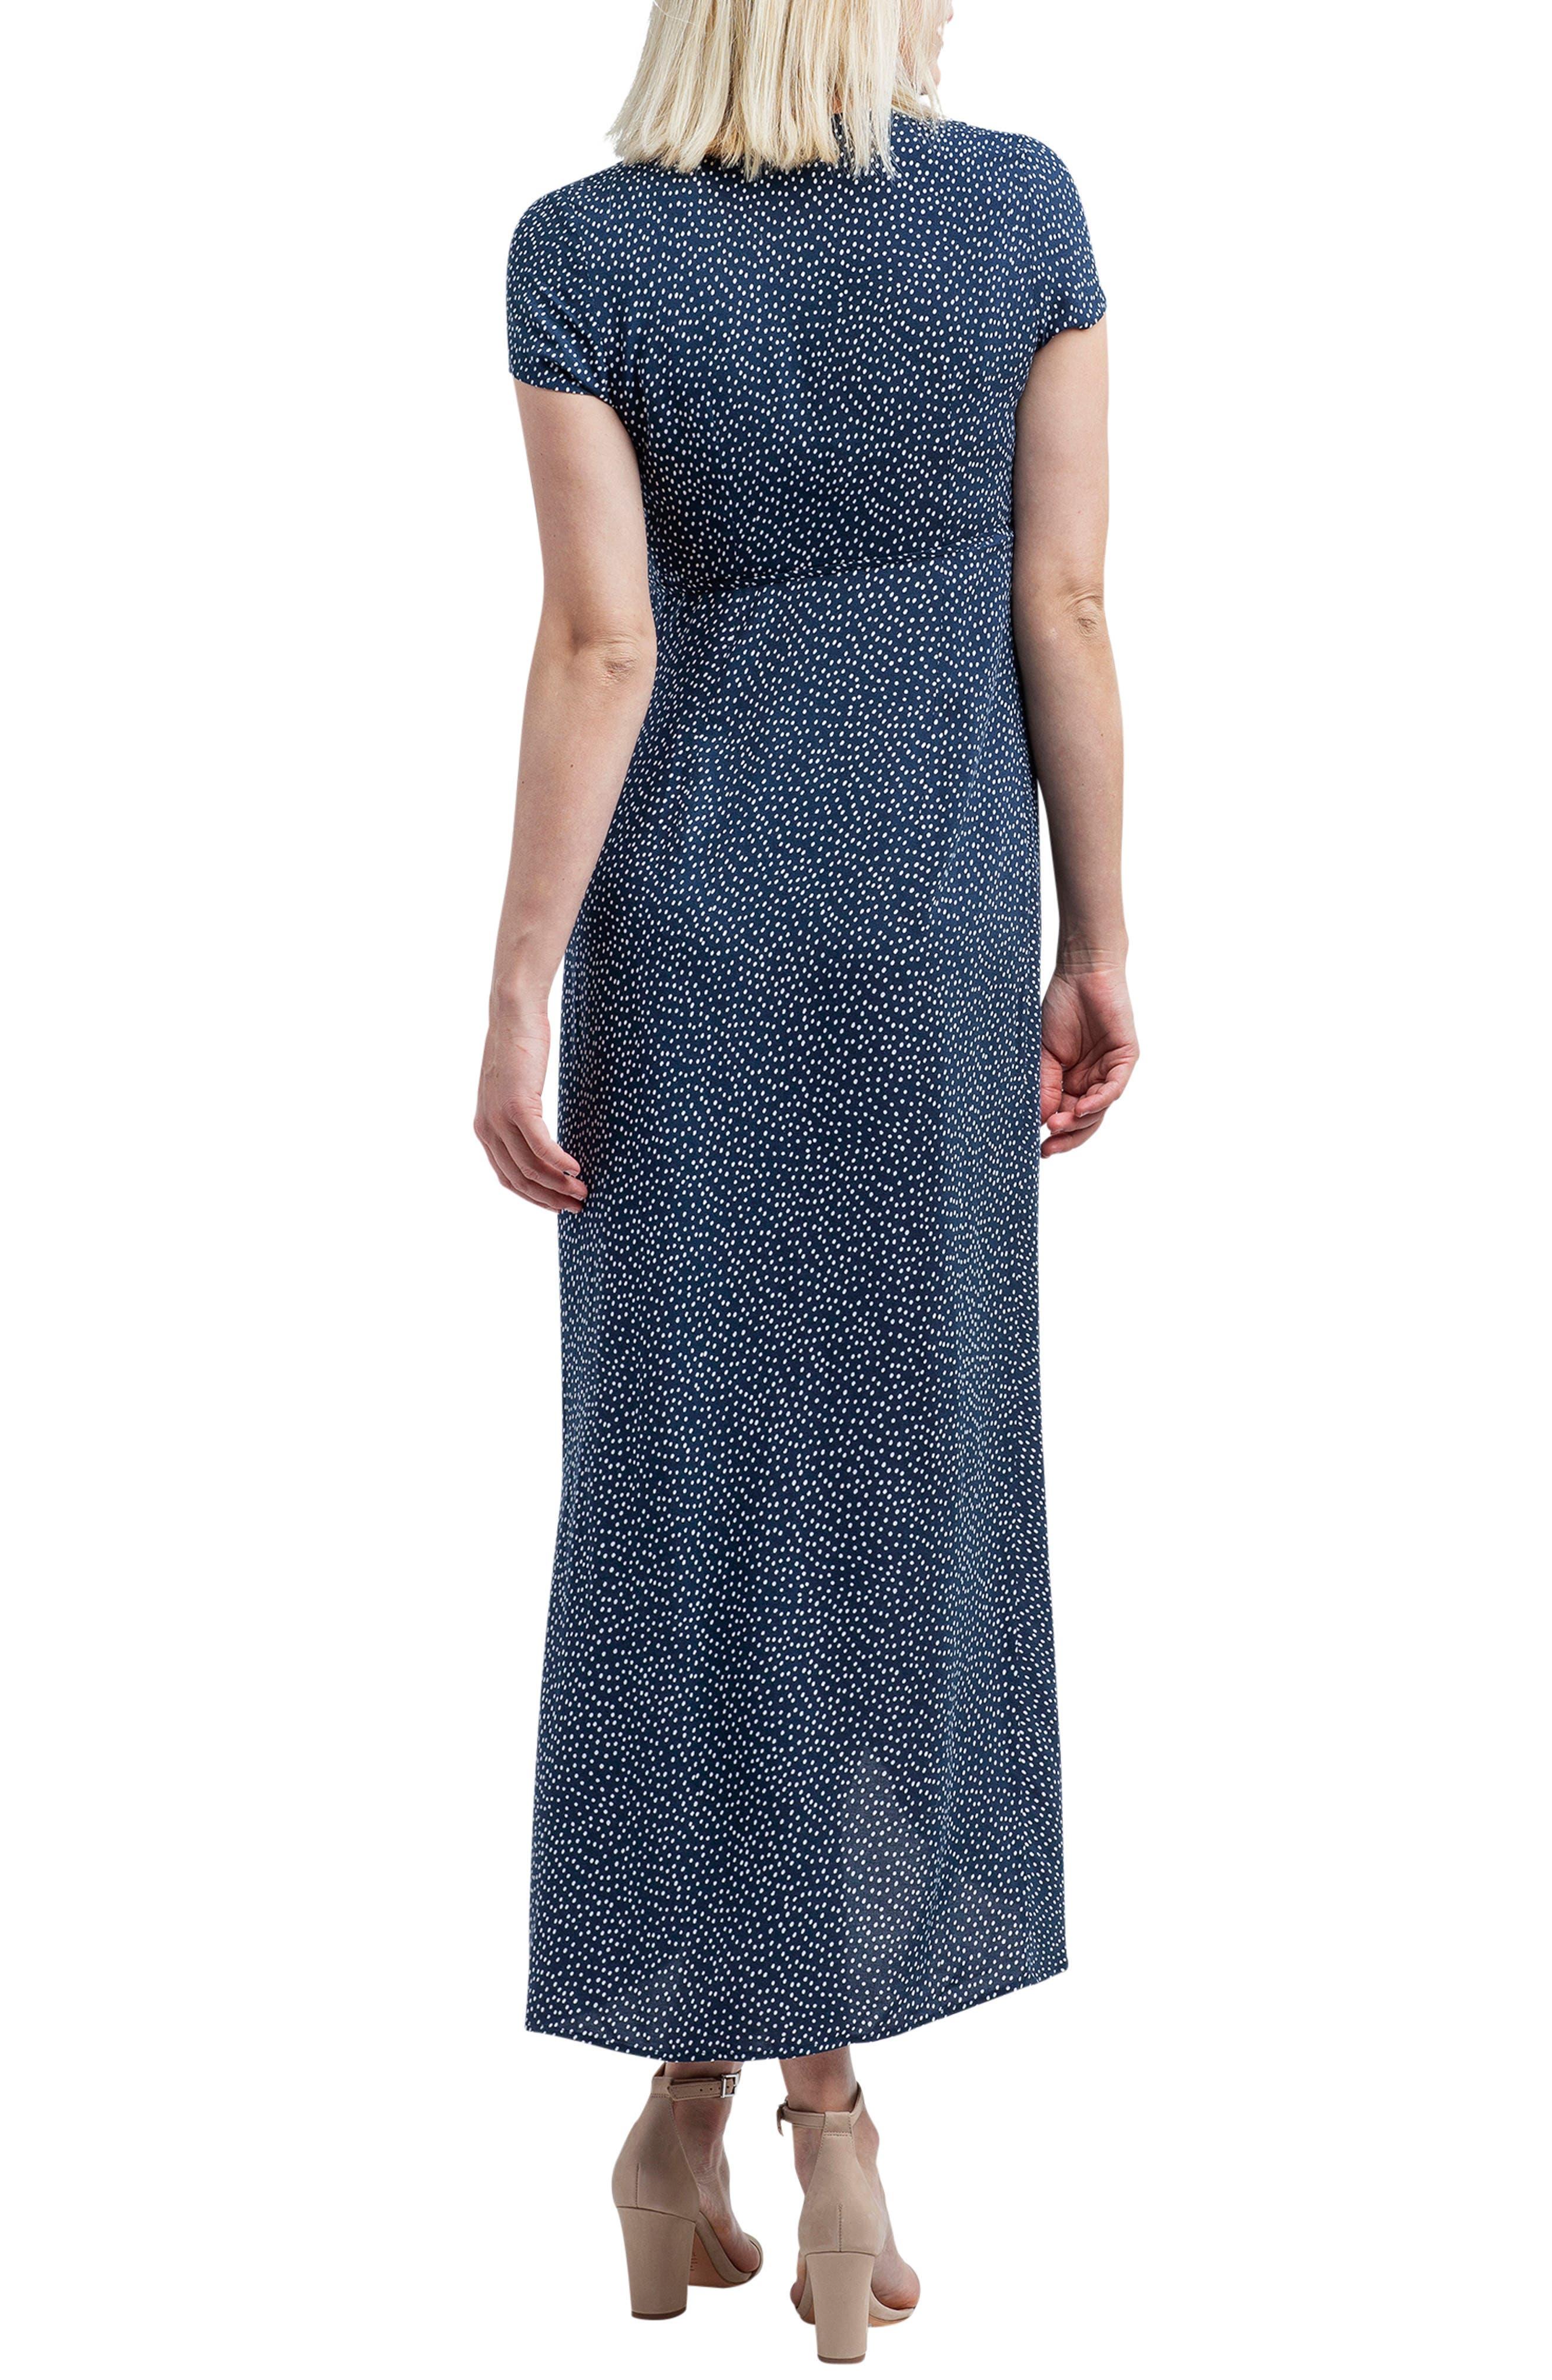 NOM MATERNITY,                             Delilah Maternity/Nursing Wrap Maxi Dress,                             Alternate thumbnail 2, color,                             400